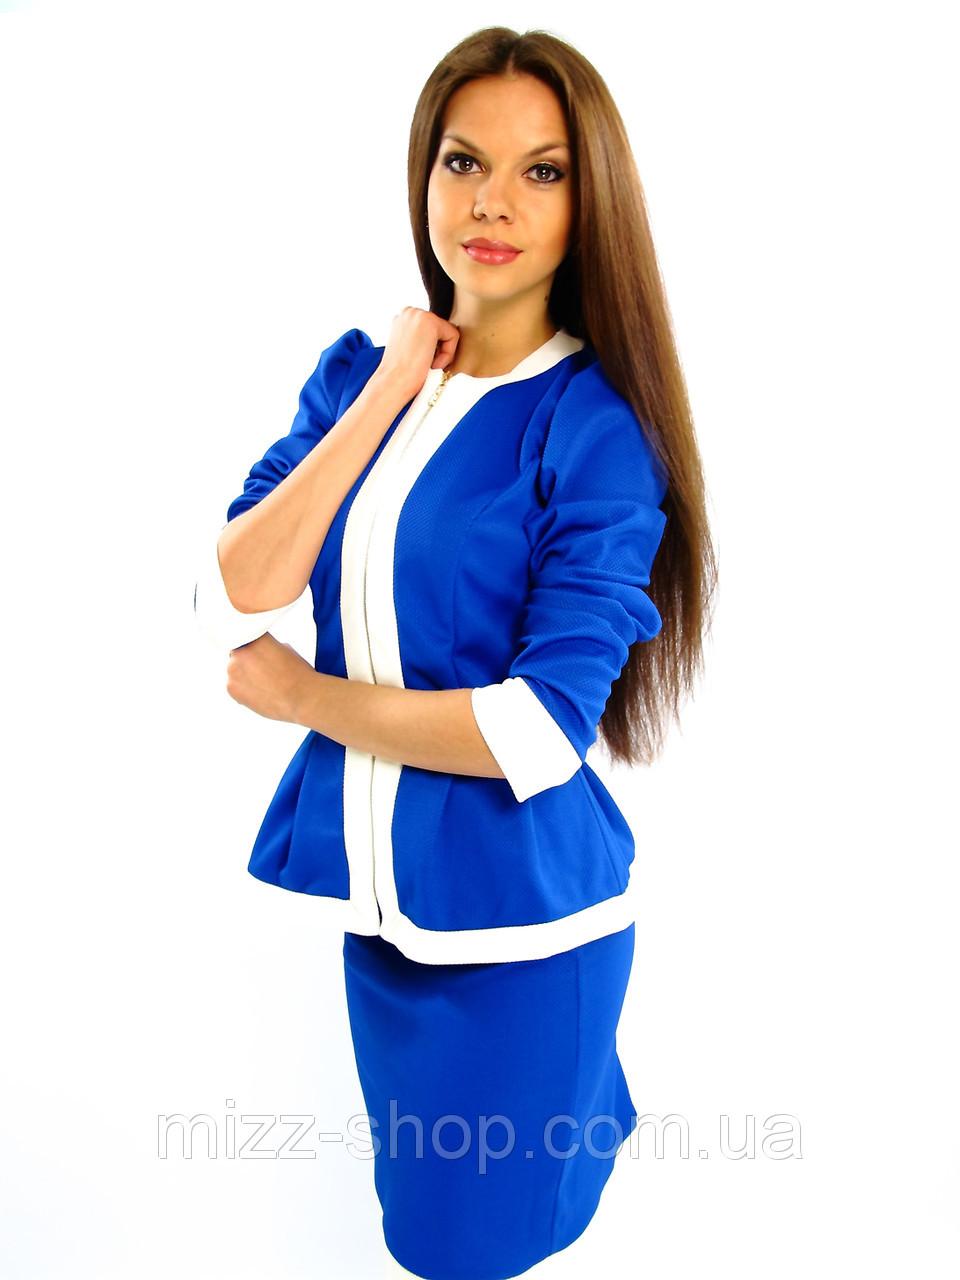 Елегантний жіночий костюм. Костюм Влада.